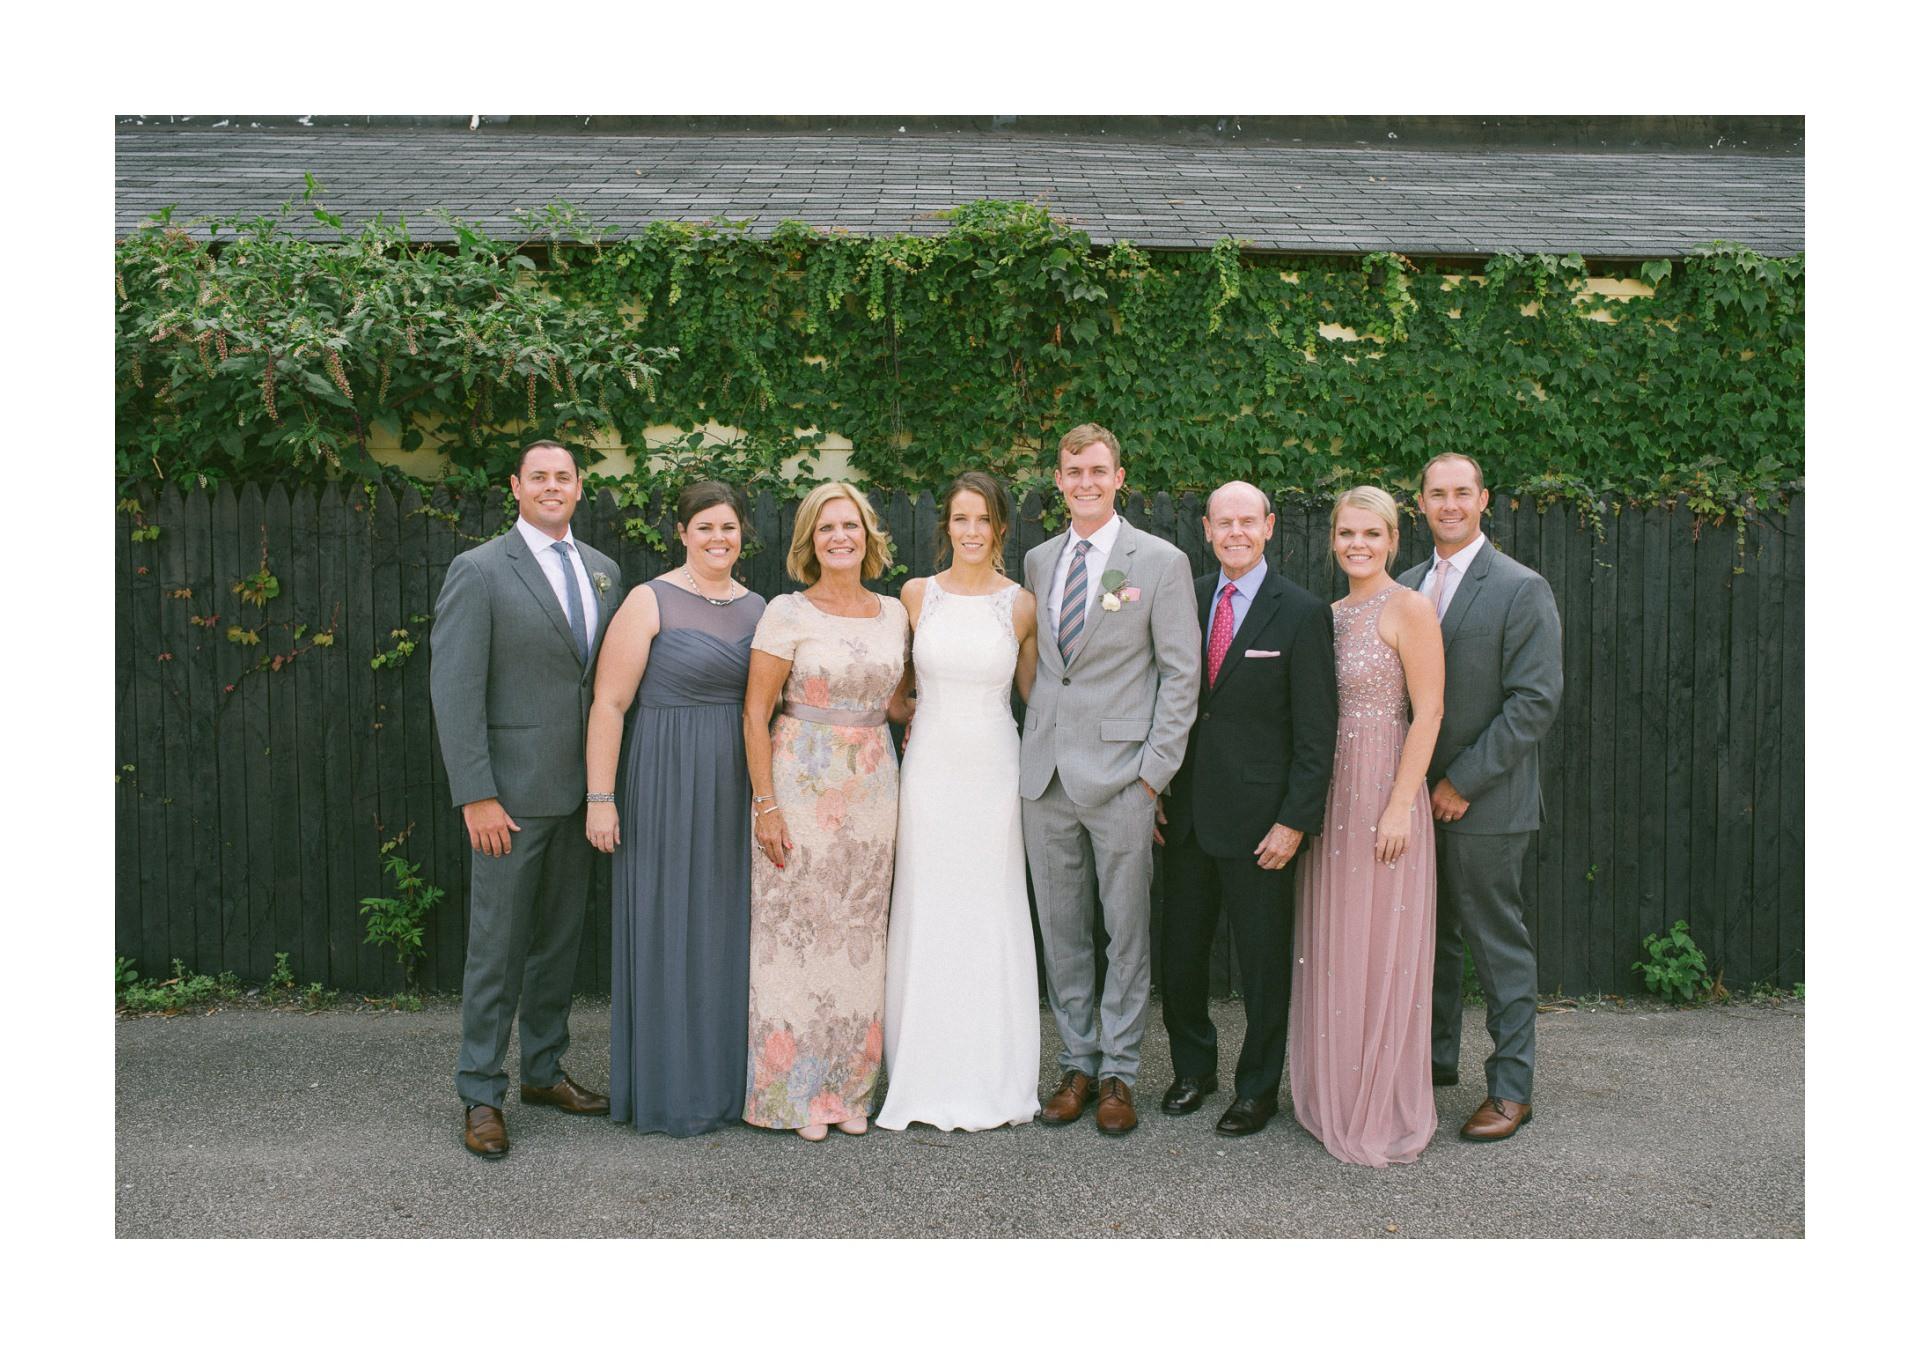 The Madison Wedding Venue Cleveland Wedding Photographer 00197.JPG